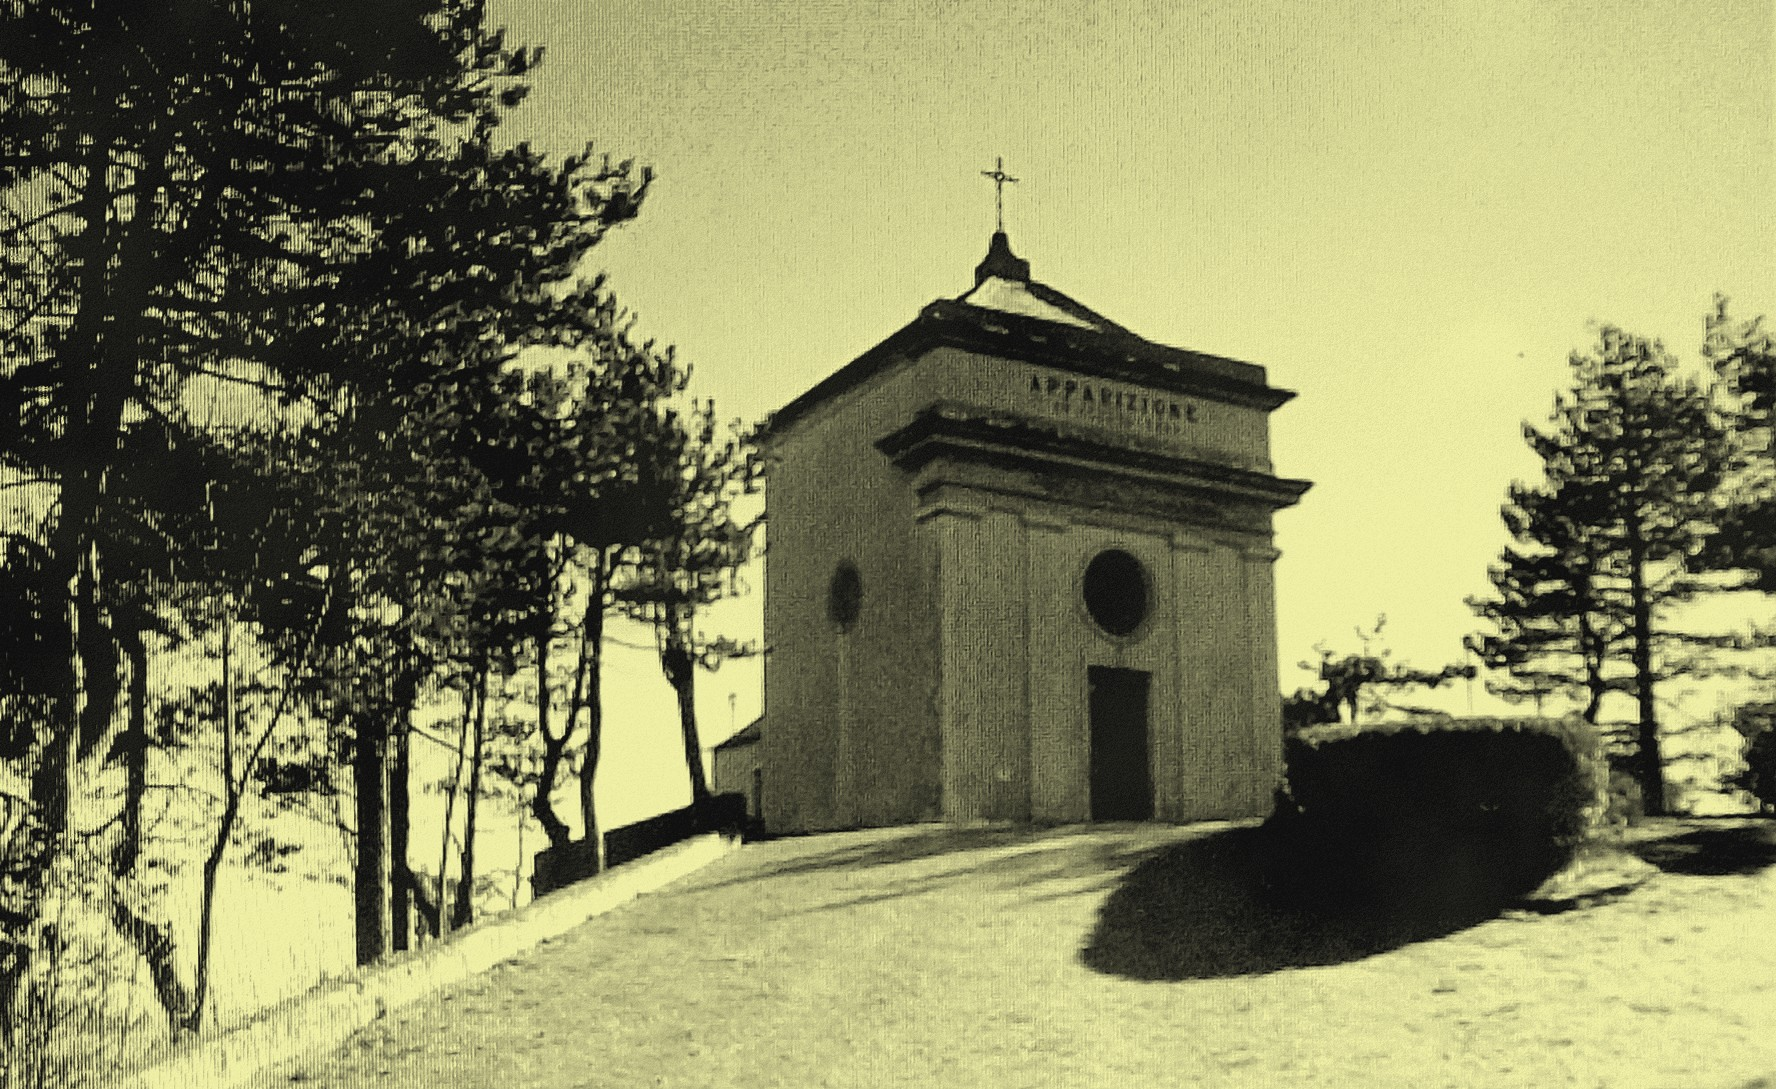 Dolorosa de Gimigliano, Apareció el Rostro de Jesús en una Cámara Polaroid, Italia (18 abr)